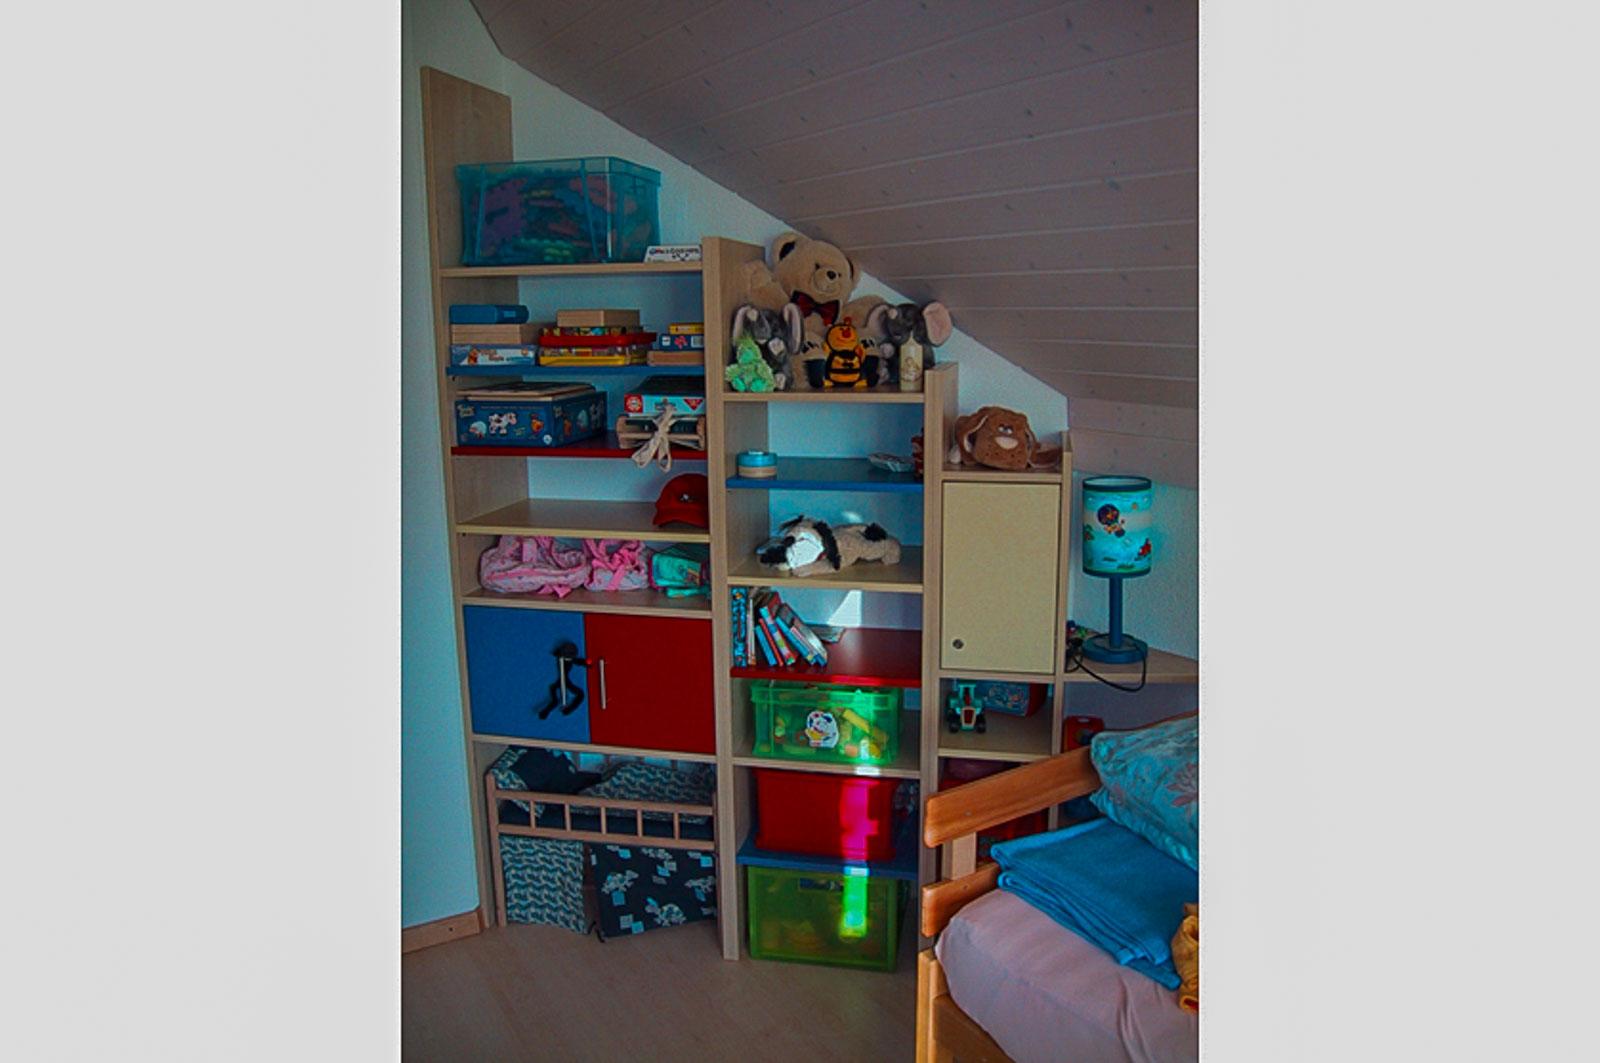 Wooddesign_Kinderzimmer_Kinderbett_Spielzimmer_Schreibtisch-Verstauraum_ Schubladen_Pinwand_Bücherregal (27)